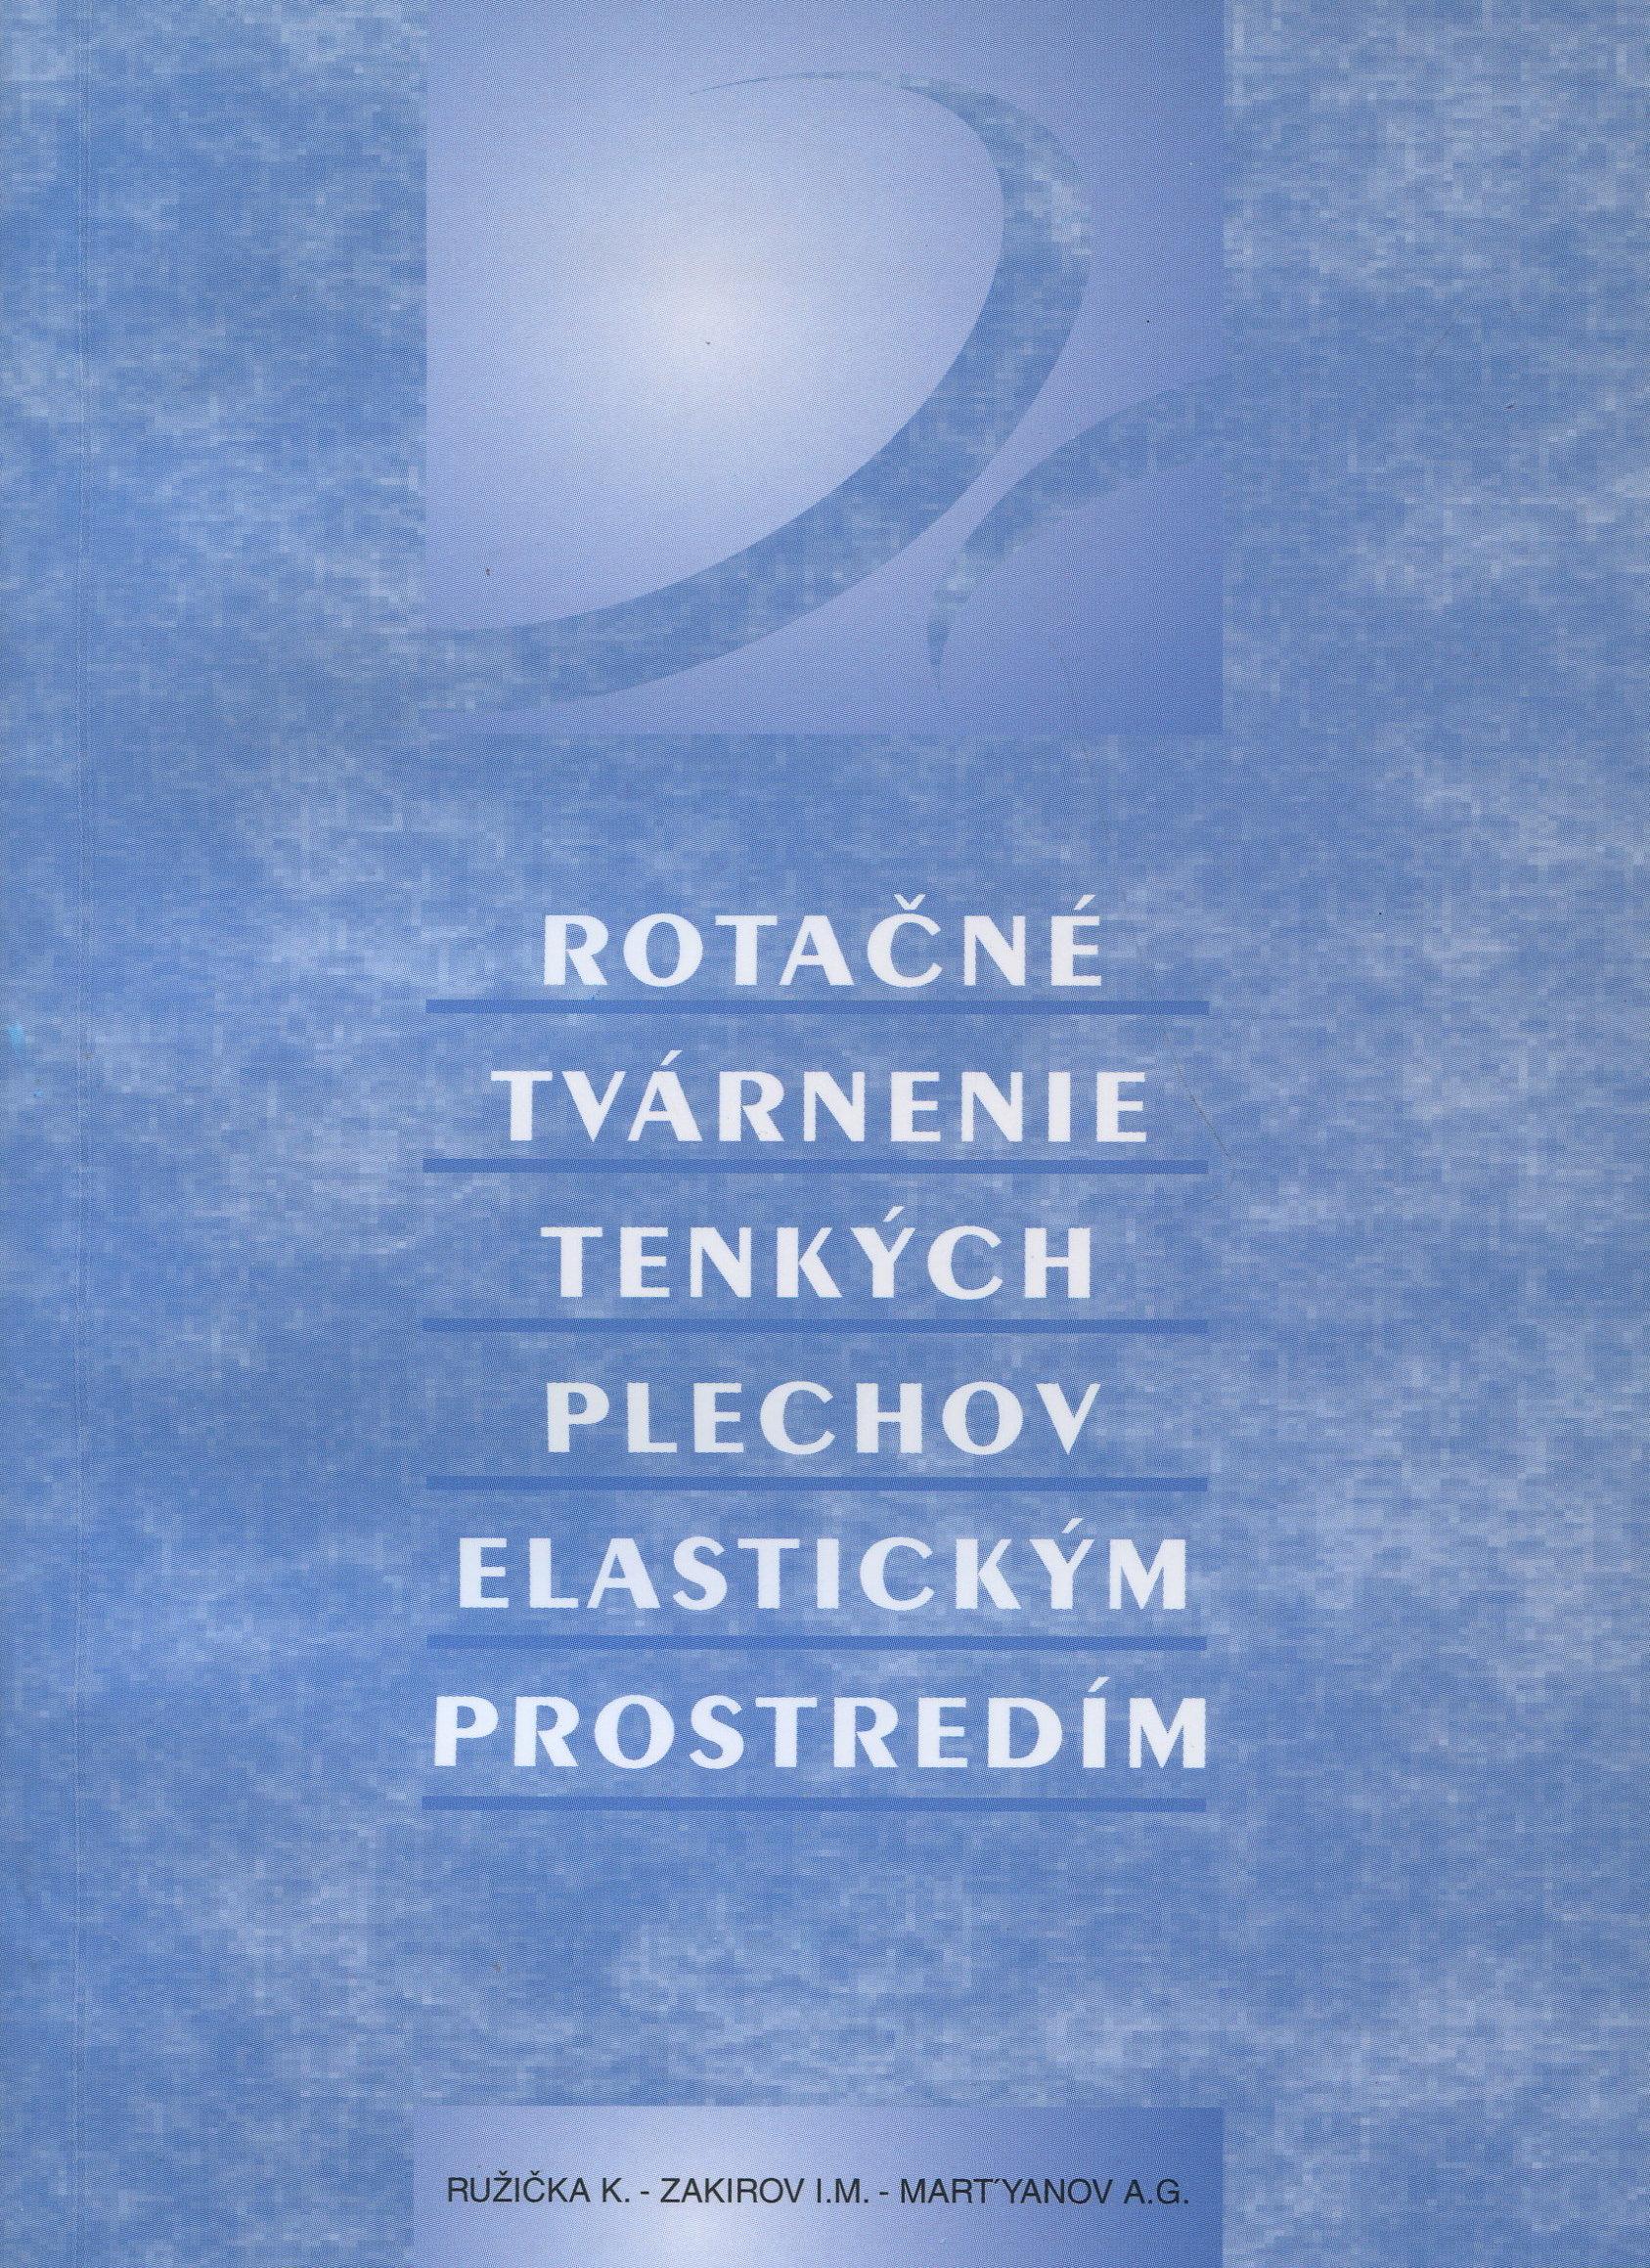 Rotačné tvárnenie tenkých plechov elastickým prostredím